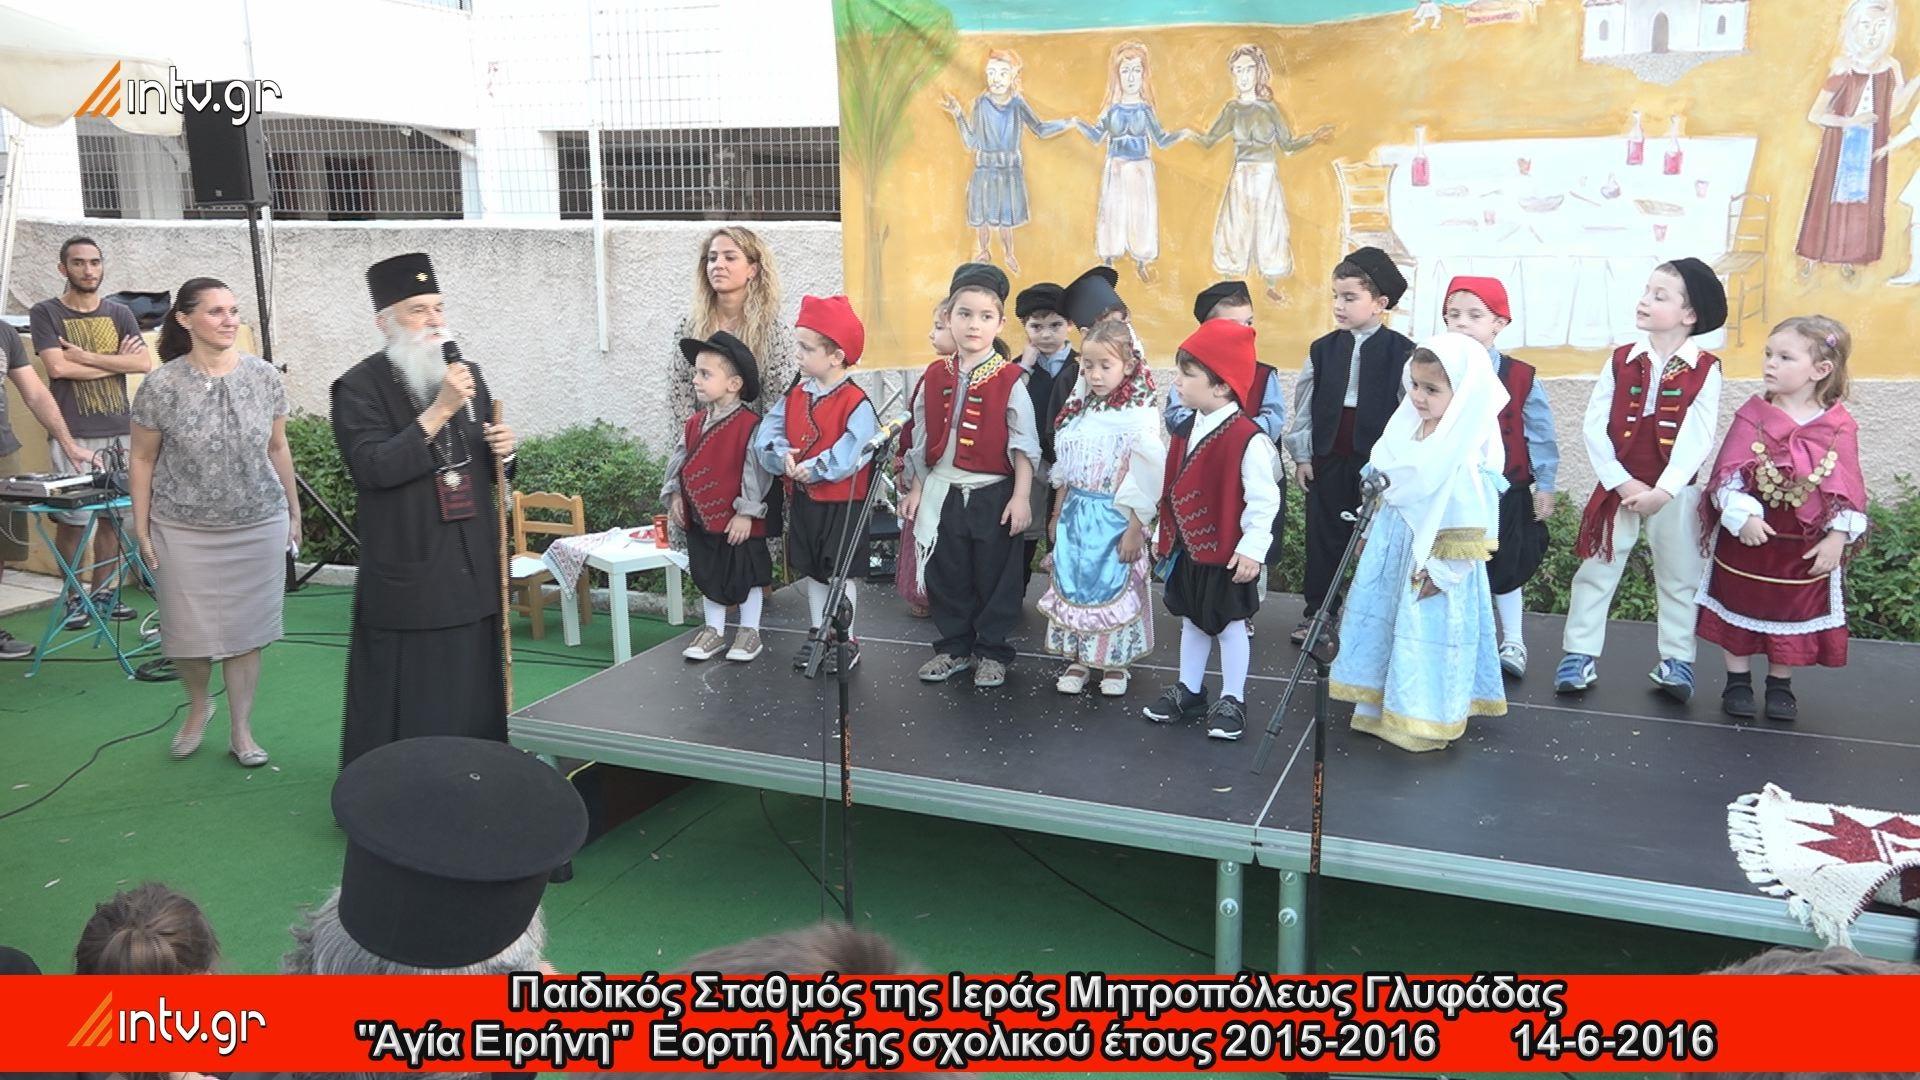 """Παιδικός Σταθμός της Ιεράς Μητροπόλεως Γλυφάδας """"Αγία Ειρήνη"""" - Εορτή λήξης σχολικού έτους 2015-2016"""